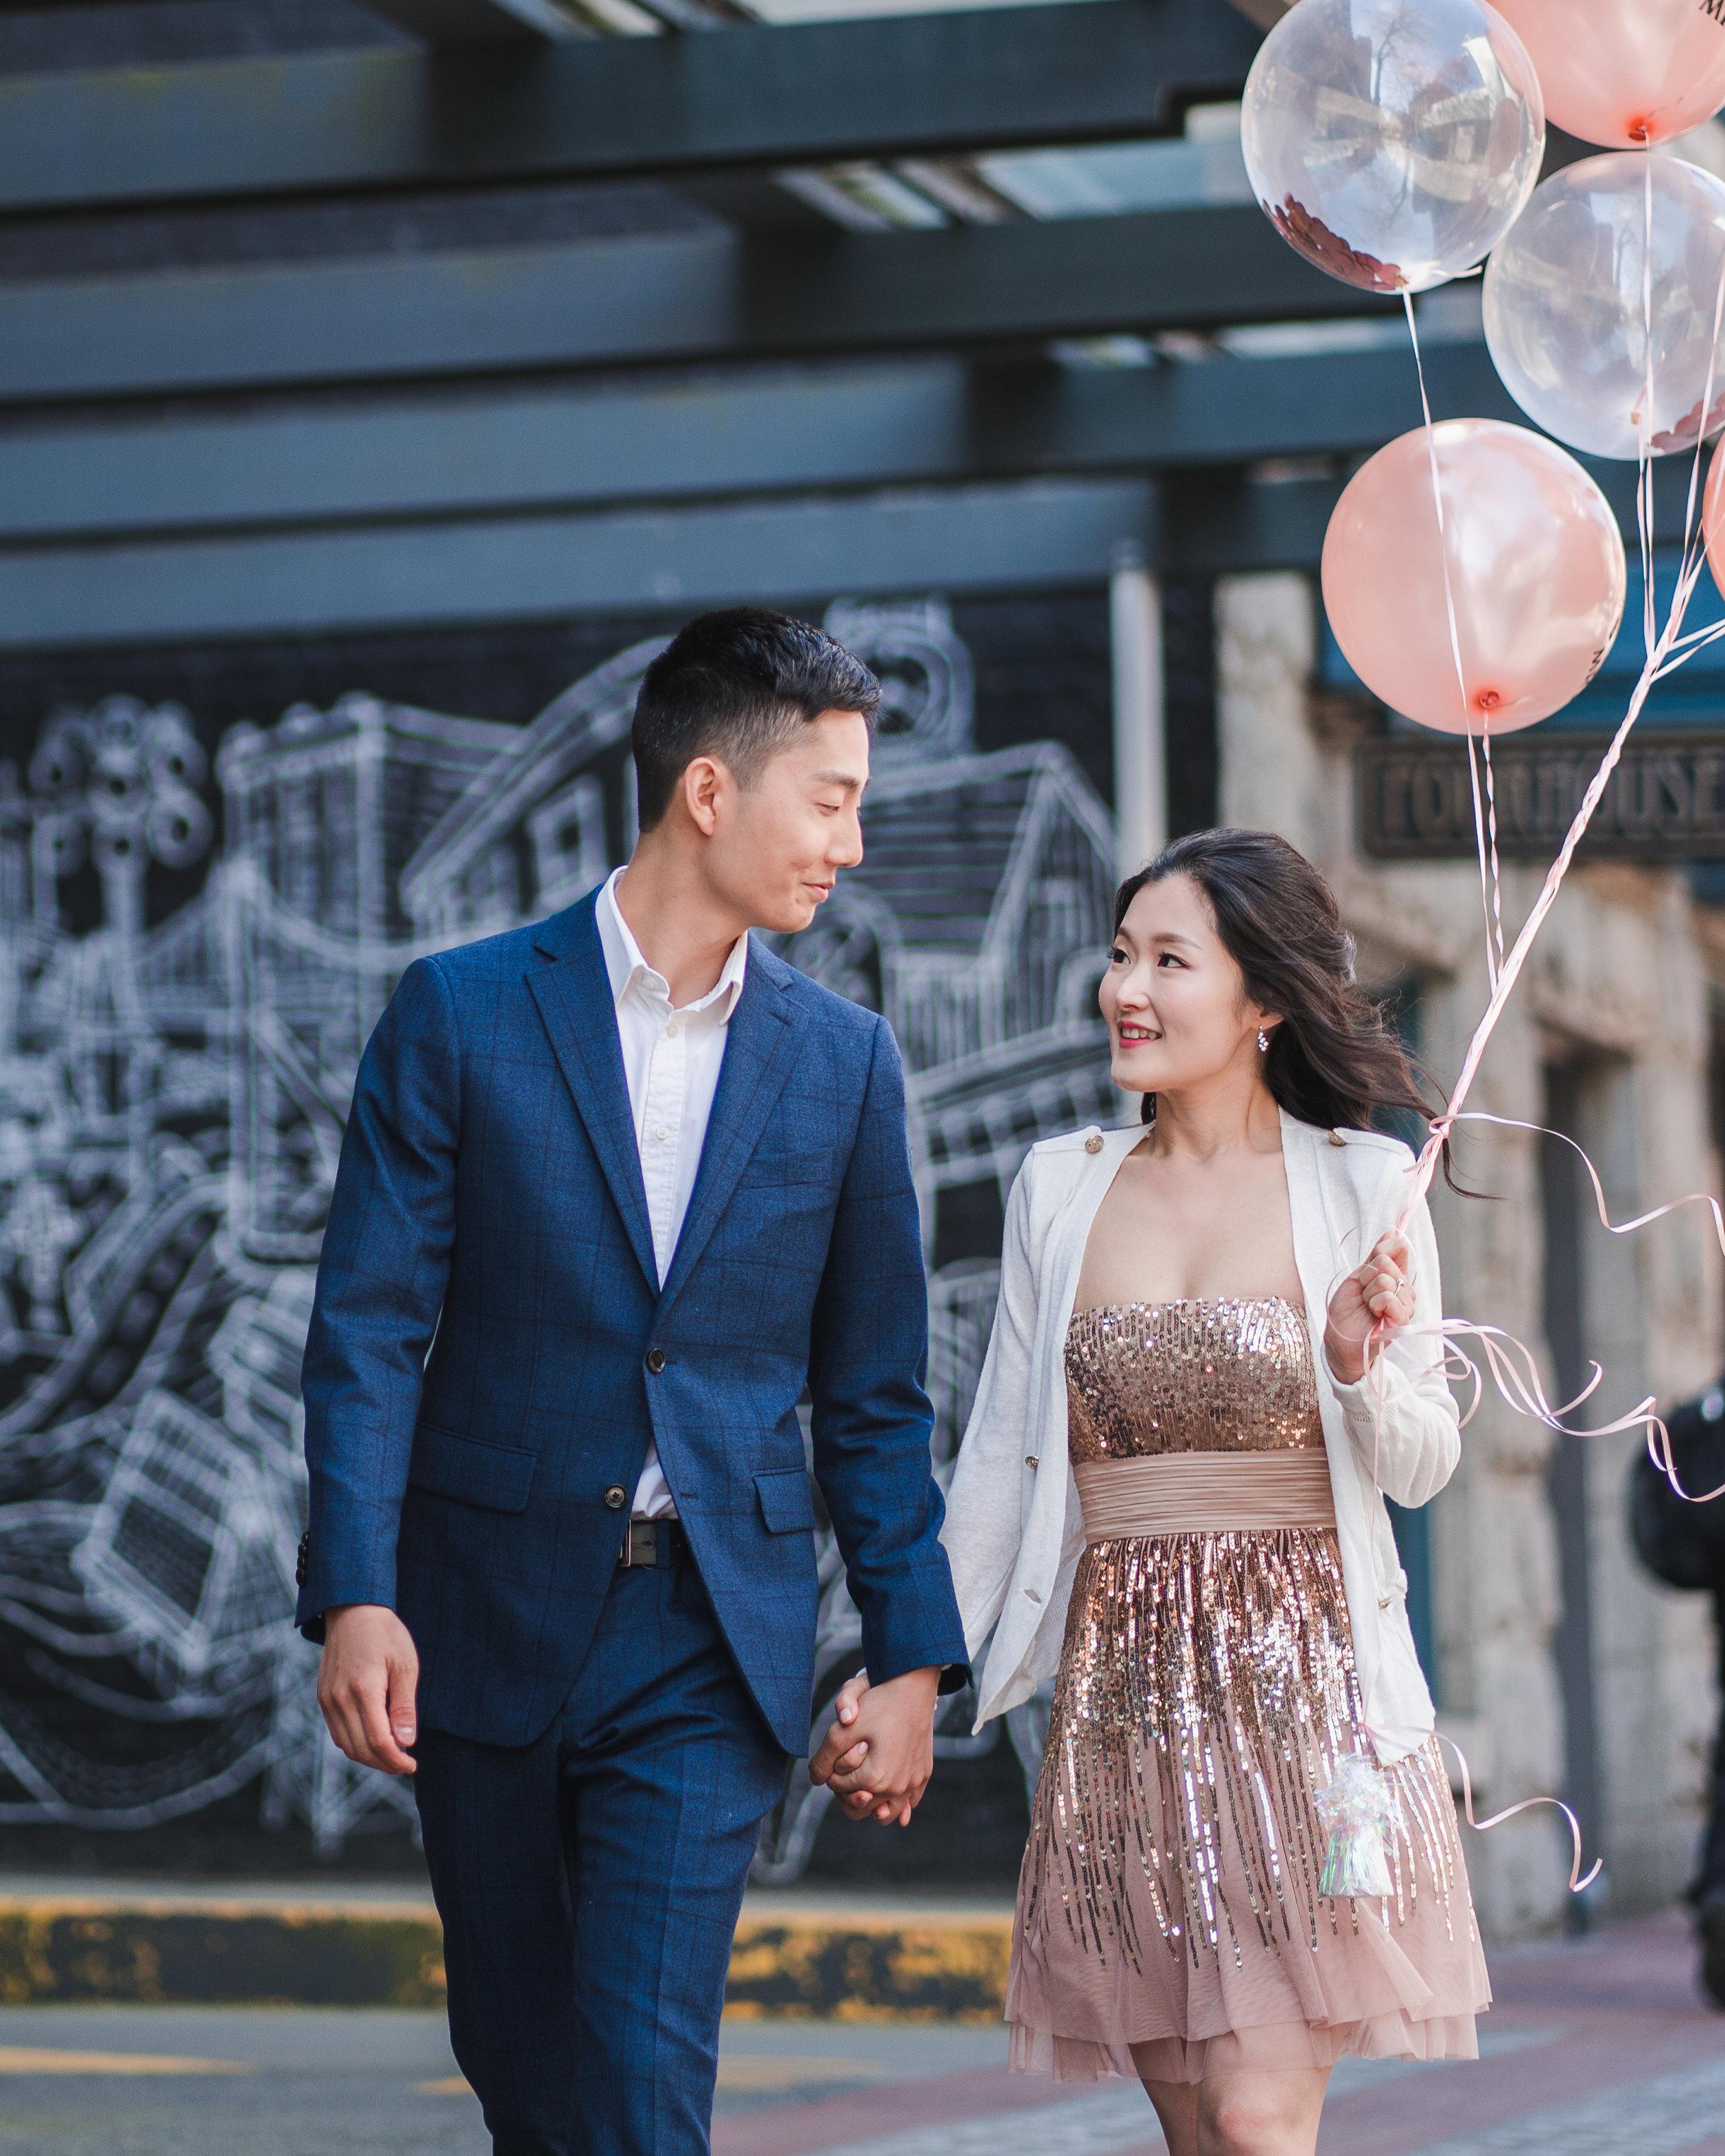 20190428 - Rachel & Brandon Engagement - 0055.jpg